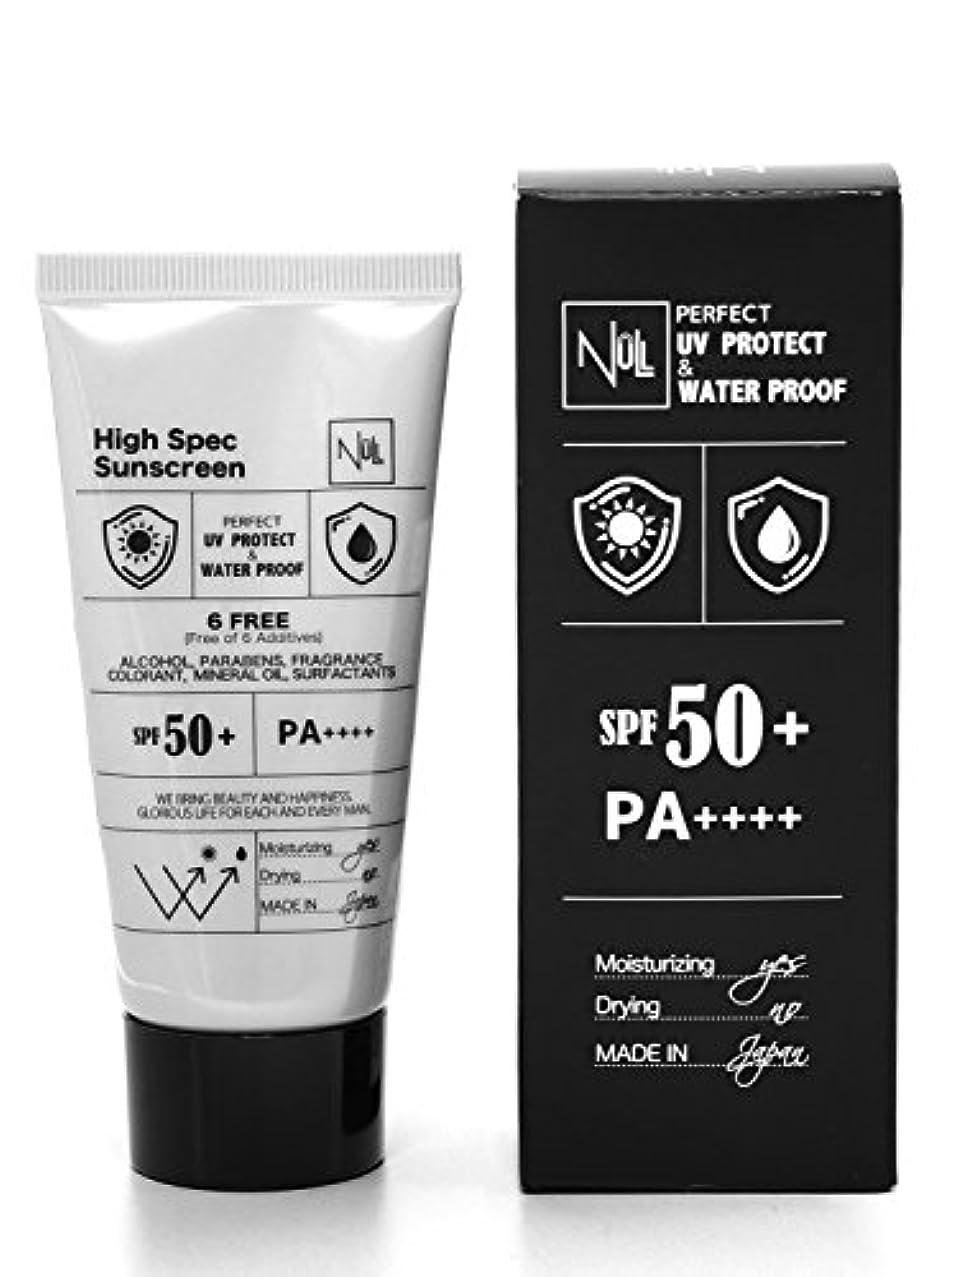 周術期ライラック共和国NULL 日焼け止め メンズ ウォータープルーフ (顔 & 全身 用) SPF50+ PA++++ ロングUVA対応 40g (特殊製法で 汗/水 にめっぽう強い) (白くならない/クレンジング不要) スポーツ ゴルフ 用